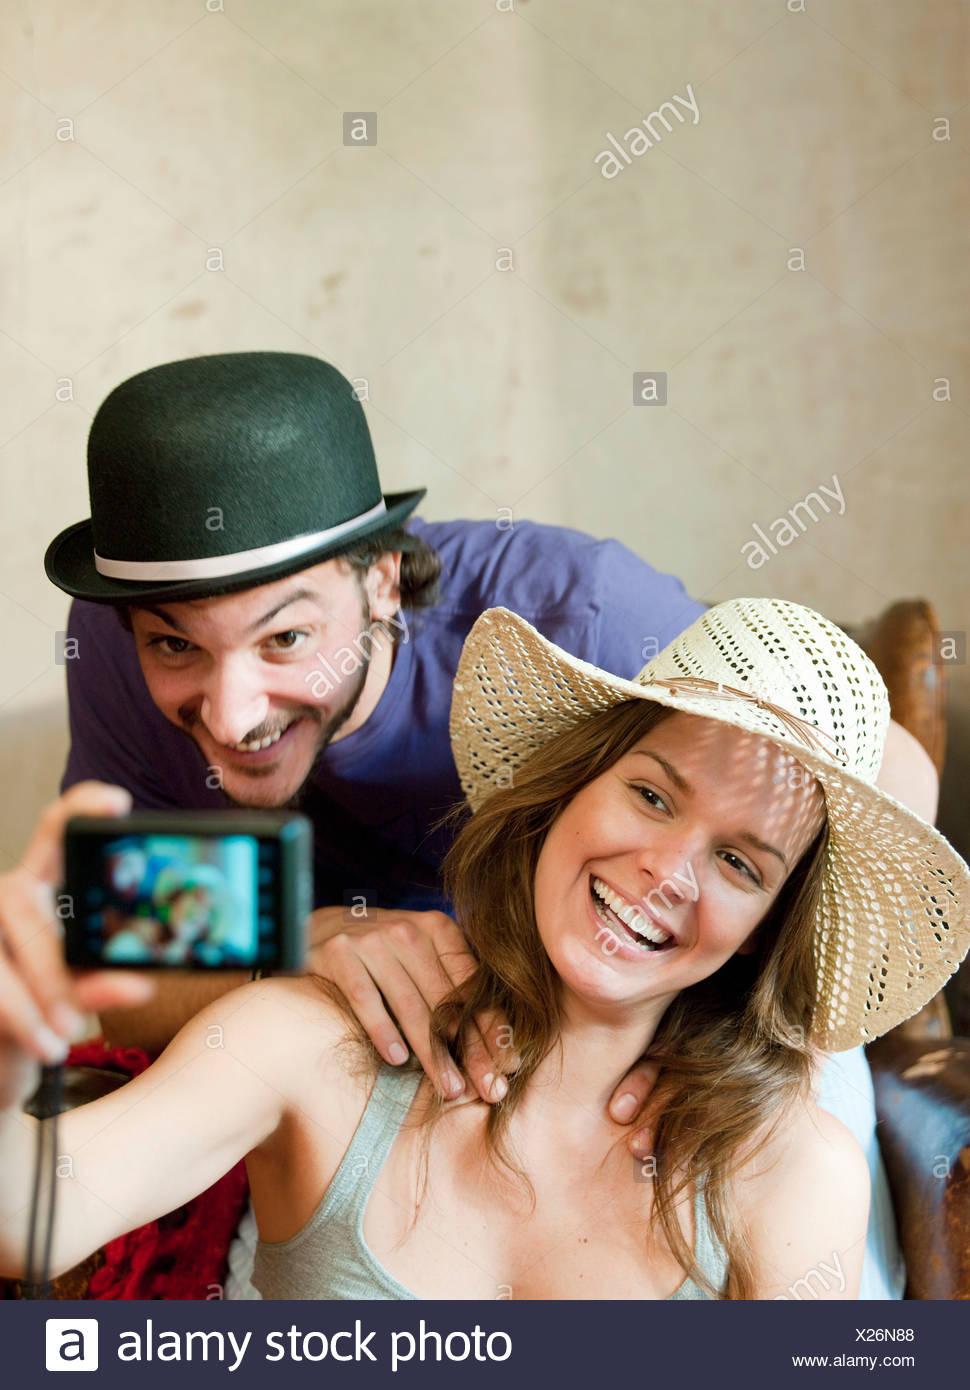 Pareja en sombreros teniendo propia fotografía Imagen De Stock